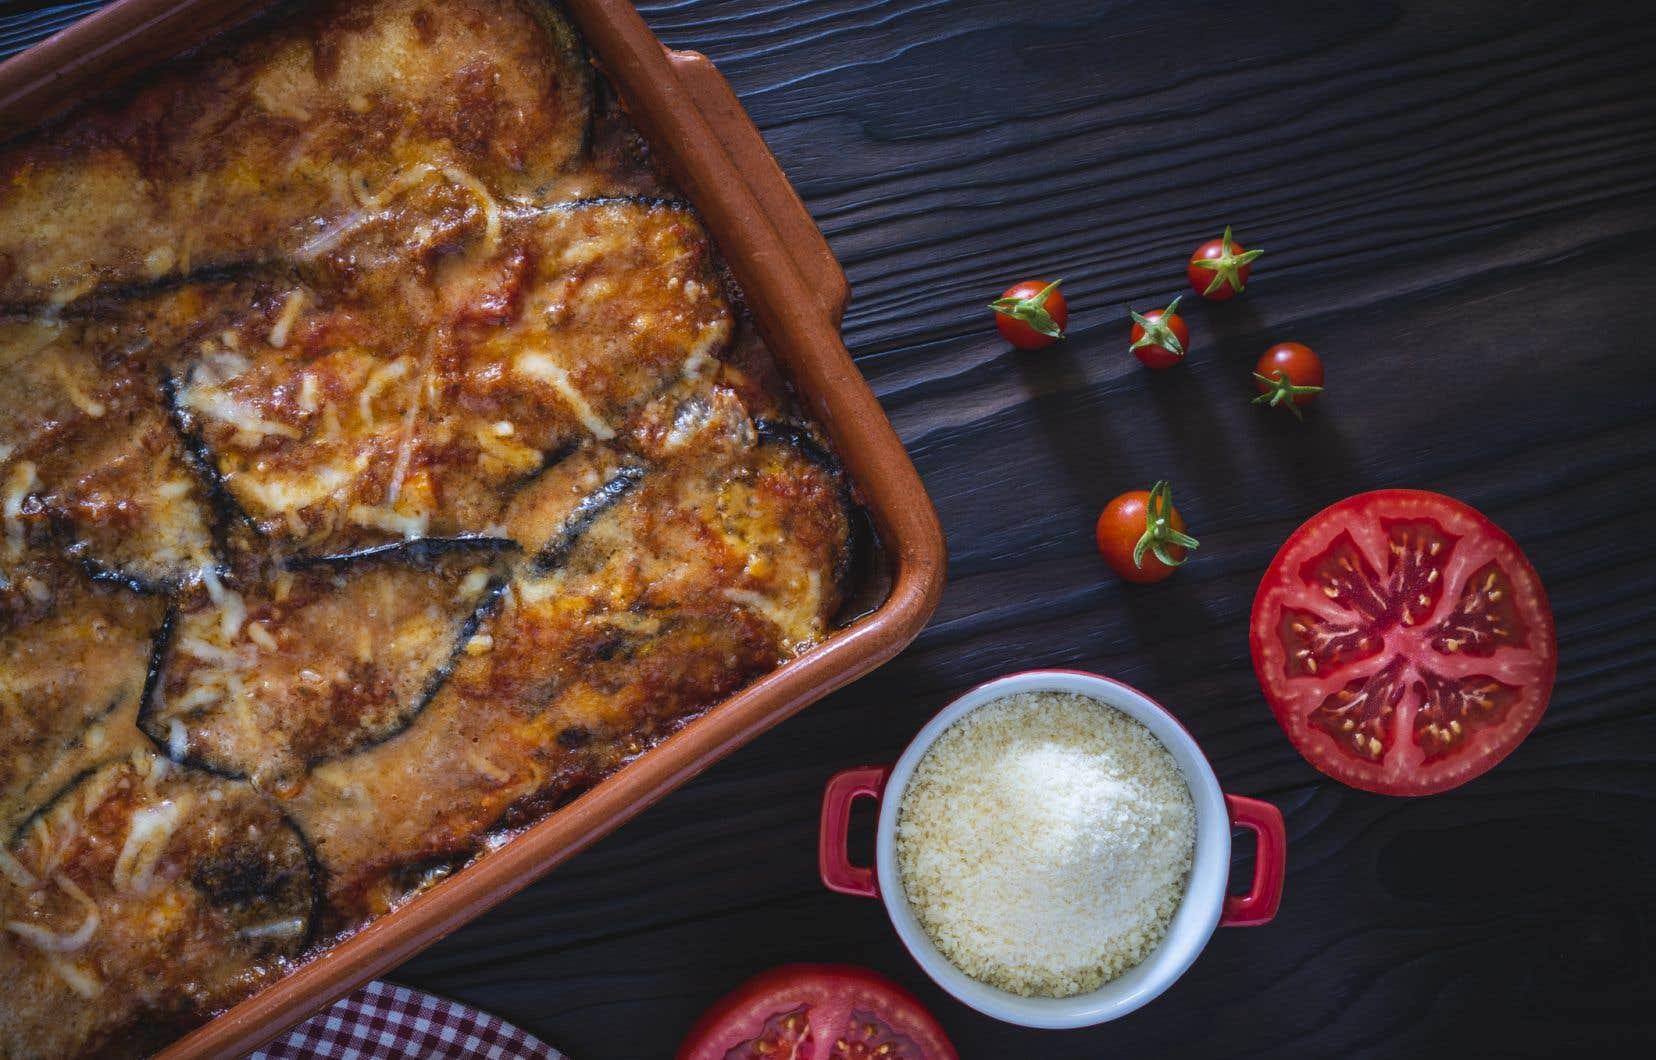 Ce mois-ci, l'aubergine est à son apogée et on peut l'apprêter en parmigiana, notamment.